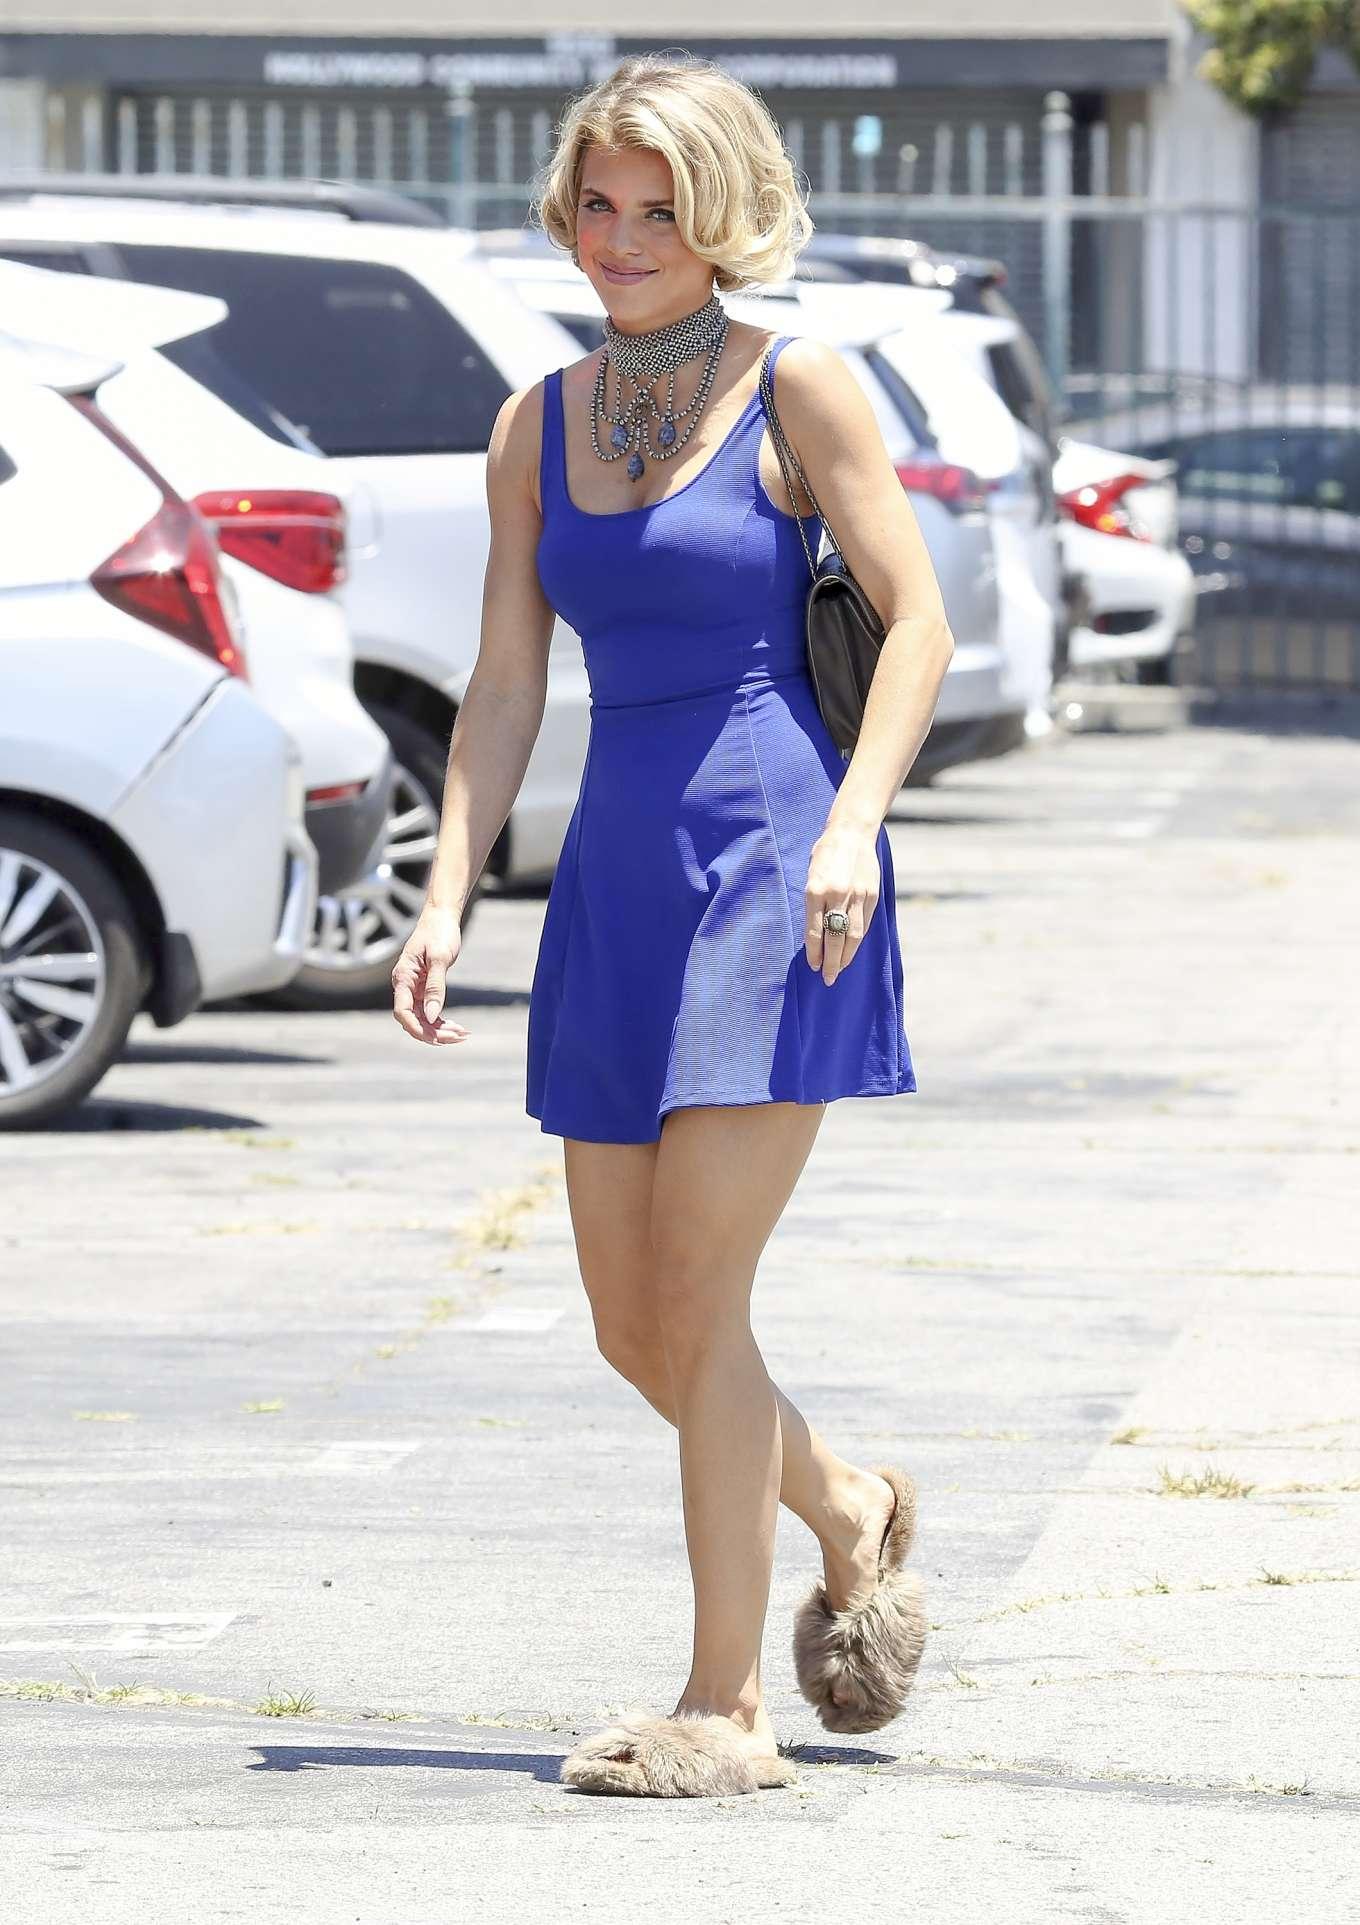 AnnaLynne McCord 2019 : AnnaLynne McCord in Blue Mini Dress-07